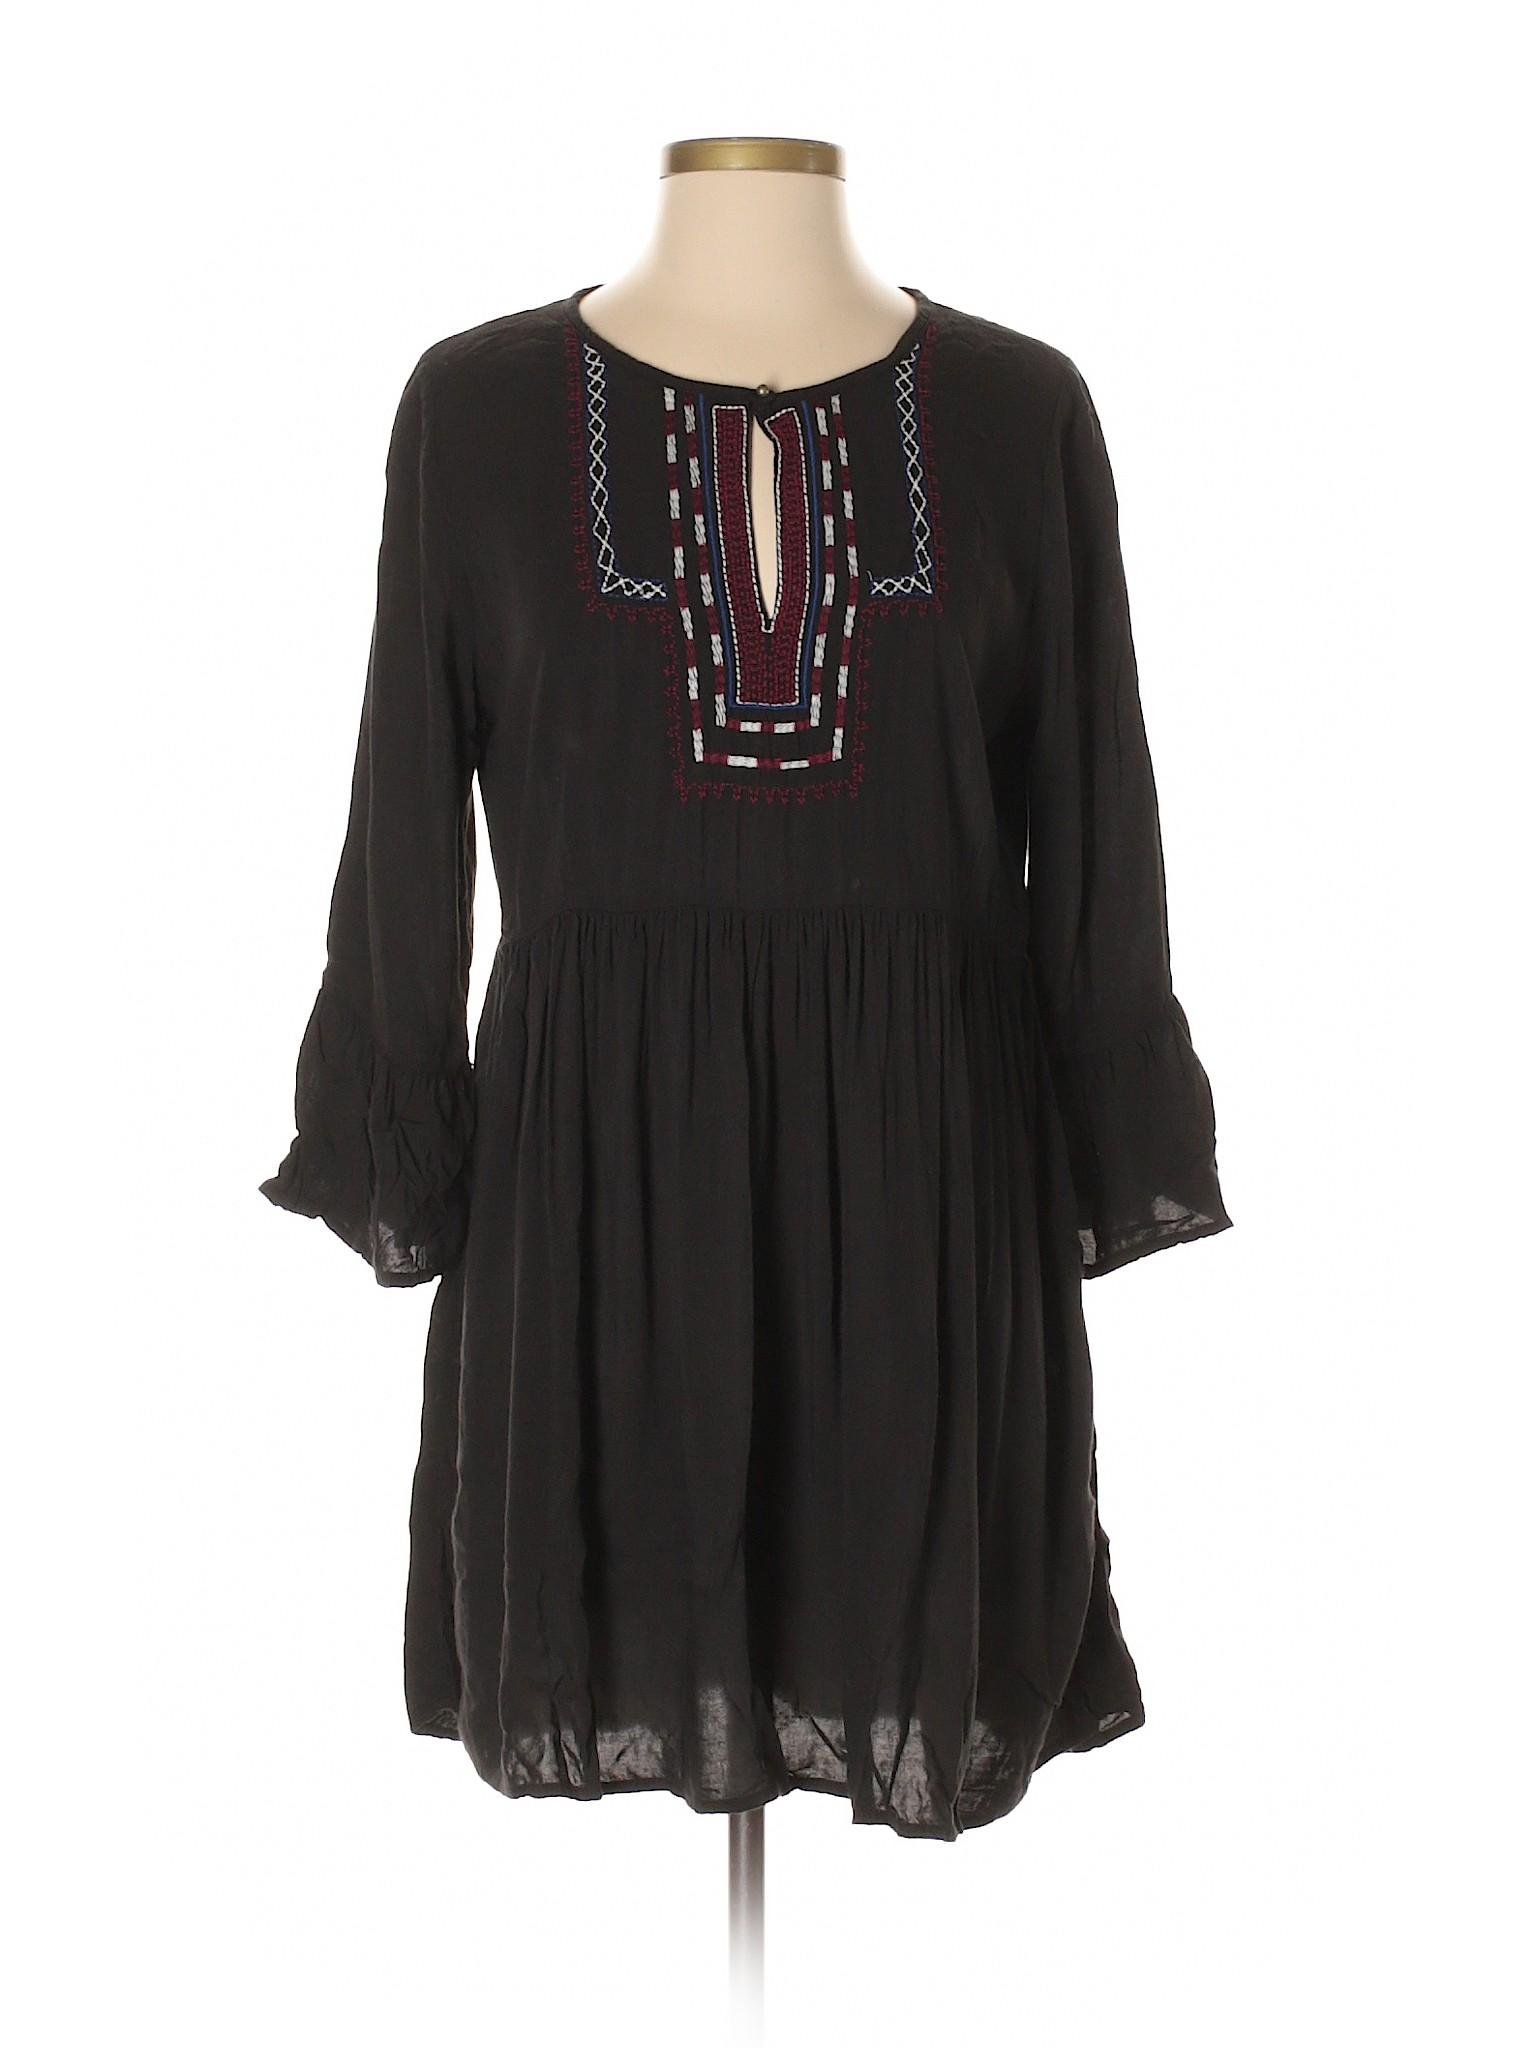 21 Dress Forever Casual Boutique winter v7EwTT